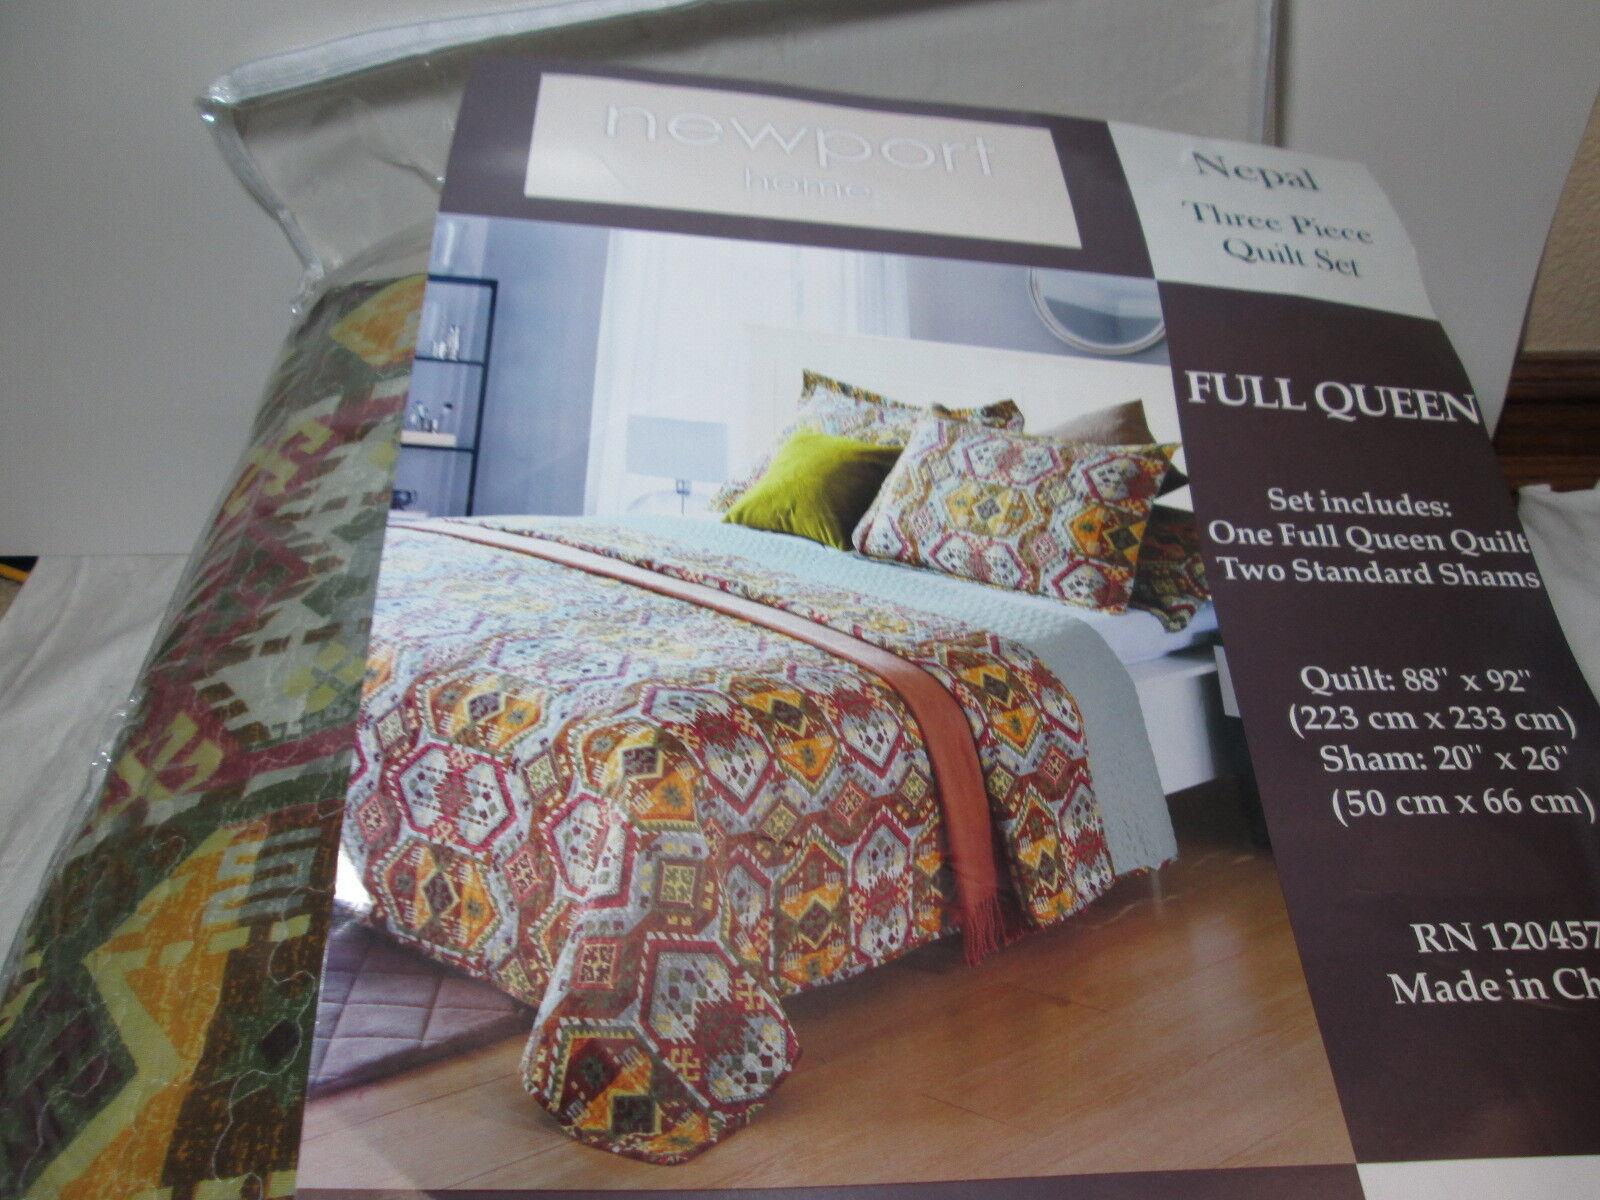 New Newport Home NEPAL 3 piece Full Queen Quilt Set